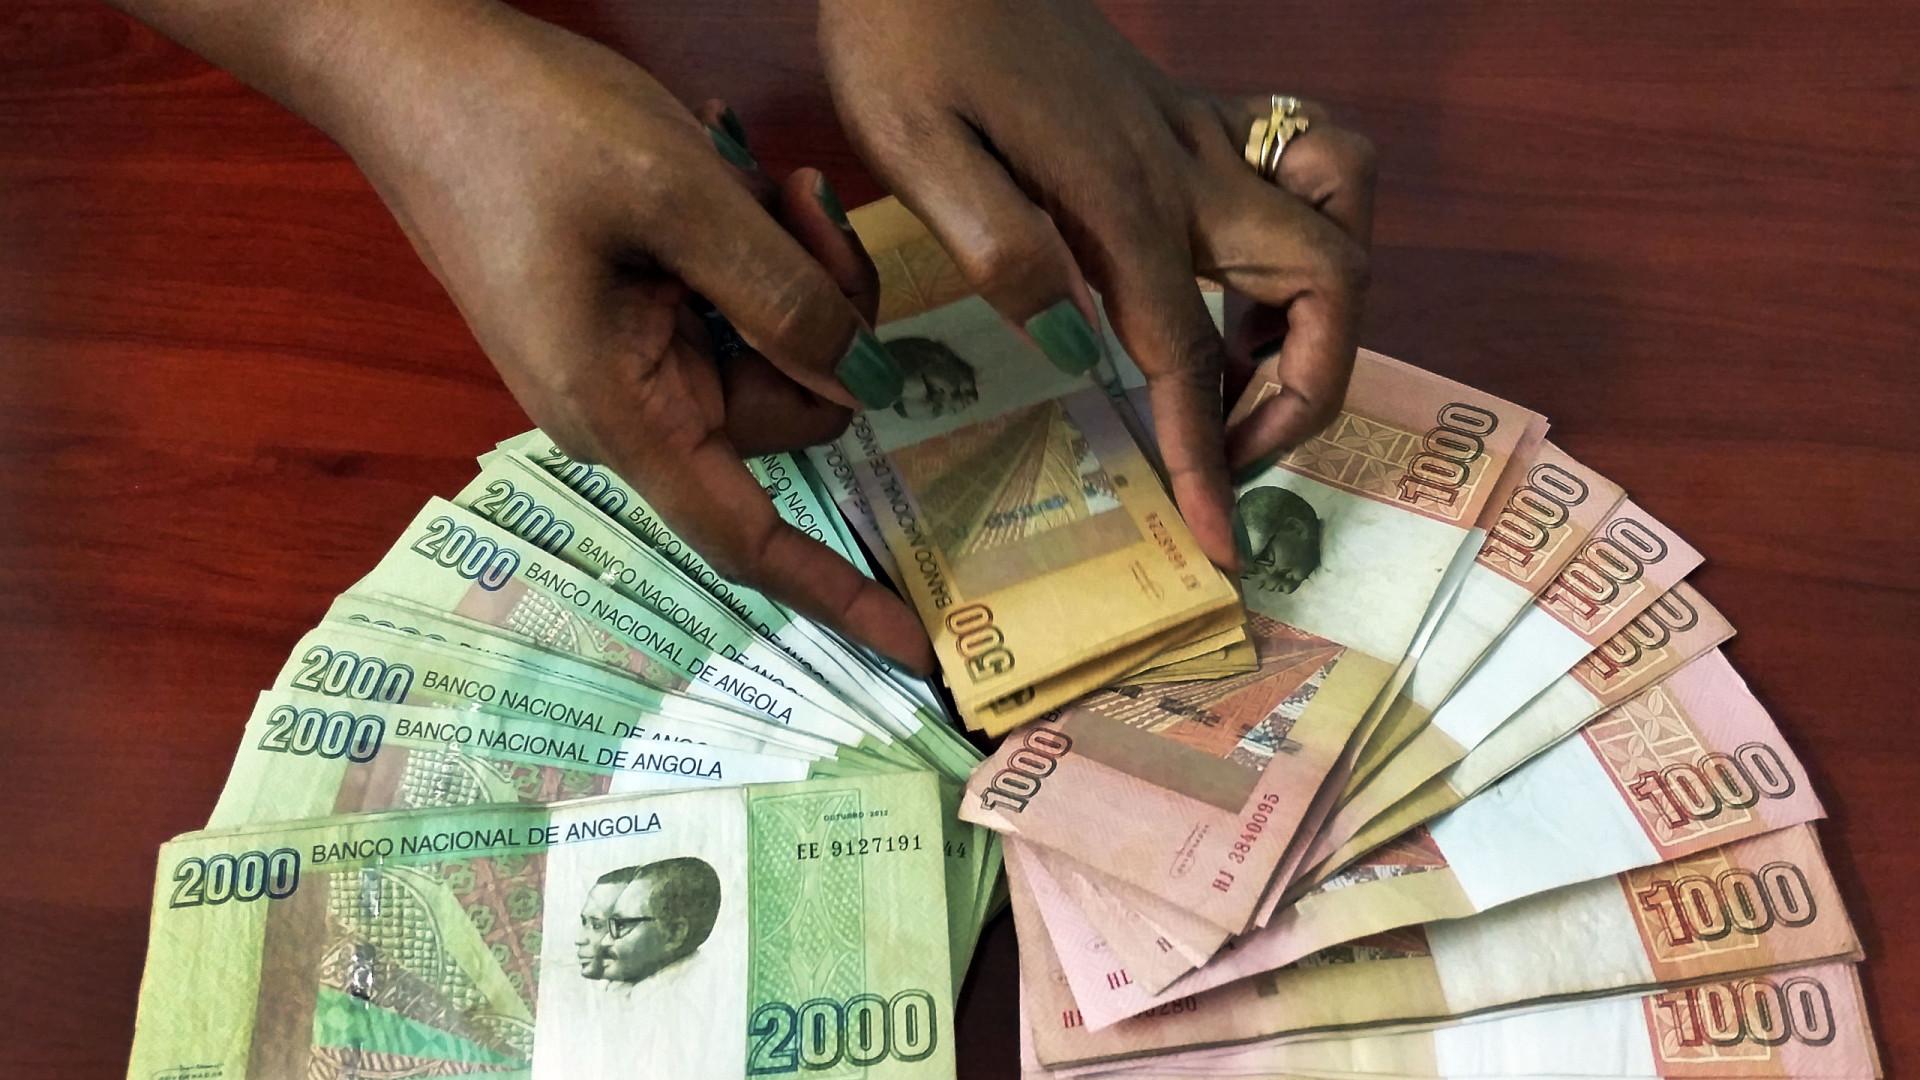 Nove acusados em Angola por desvio de 8 milhões de dinheiro dos impostos